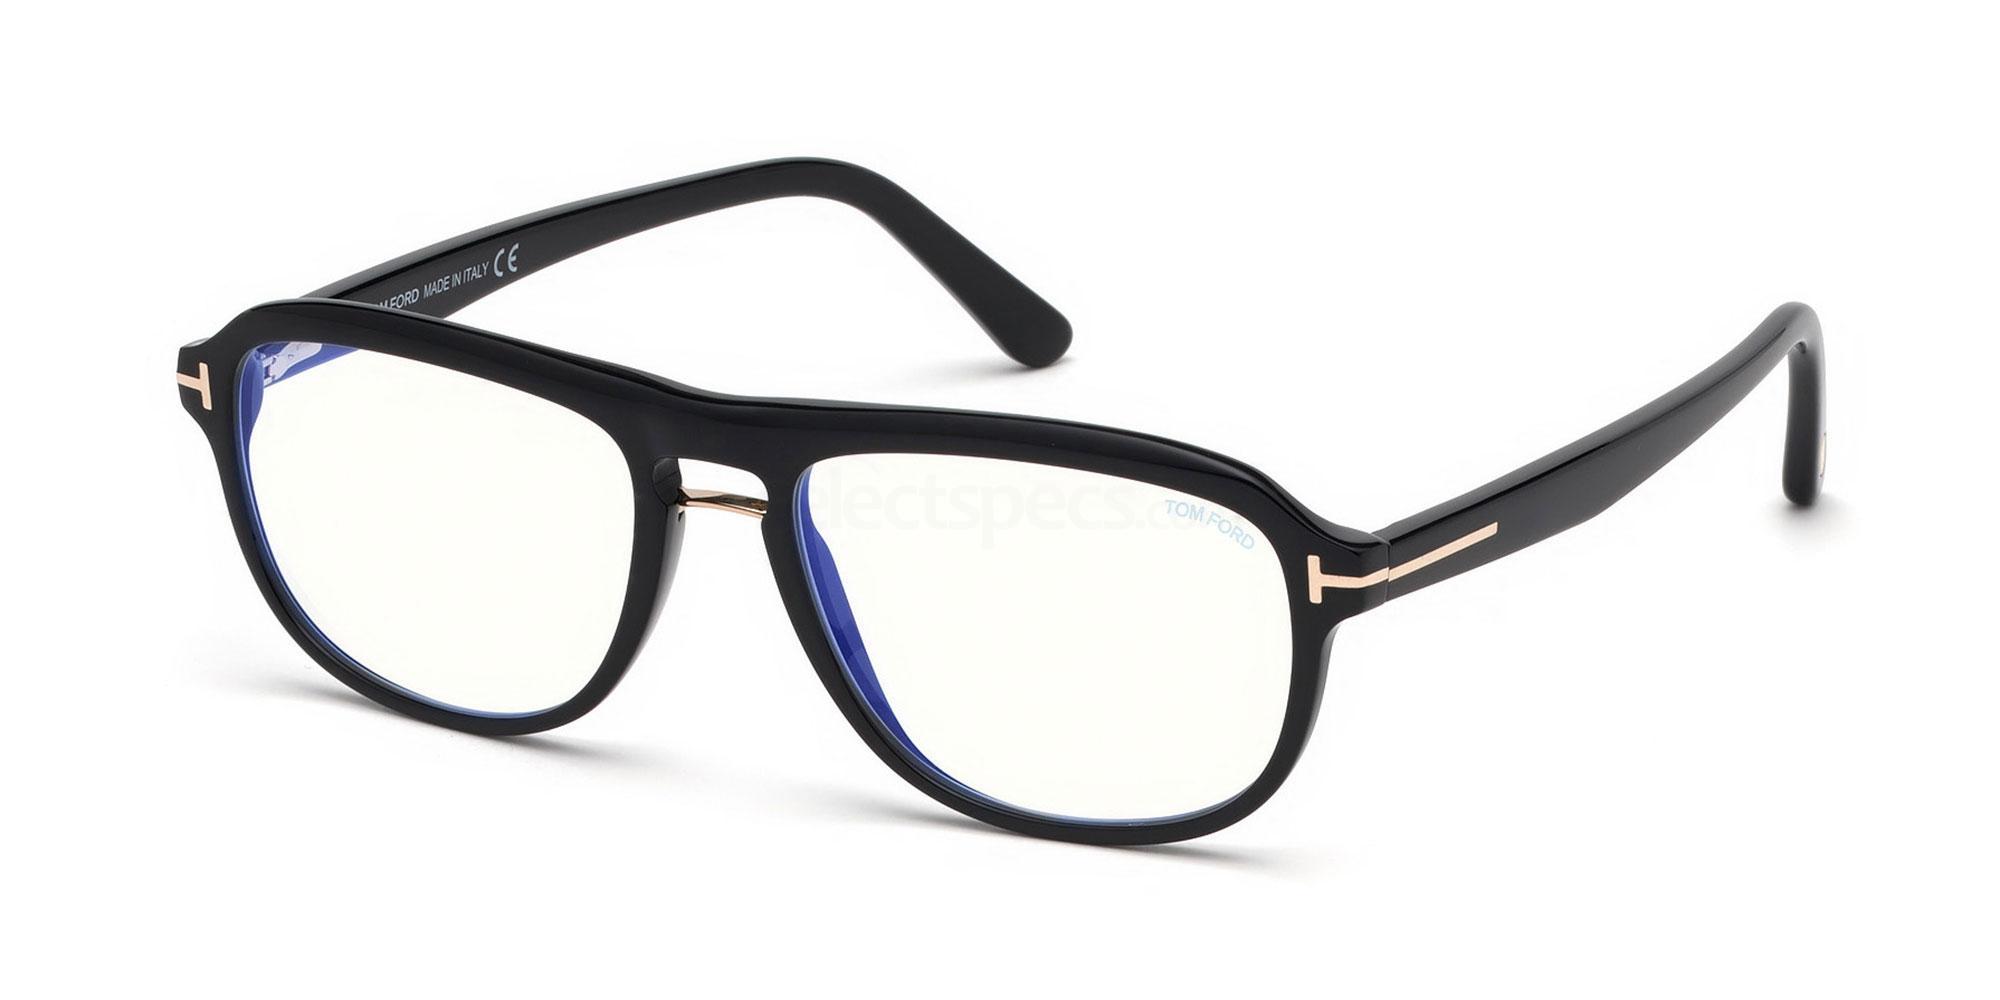 001 FT5538-B Glasses, Tom Ford